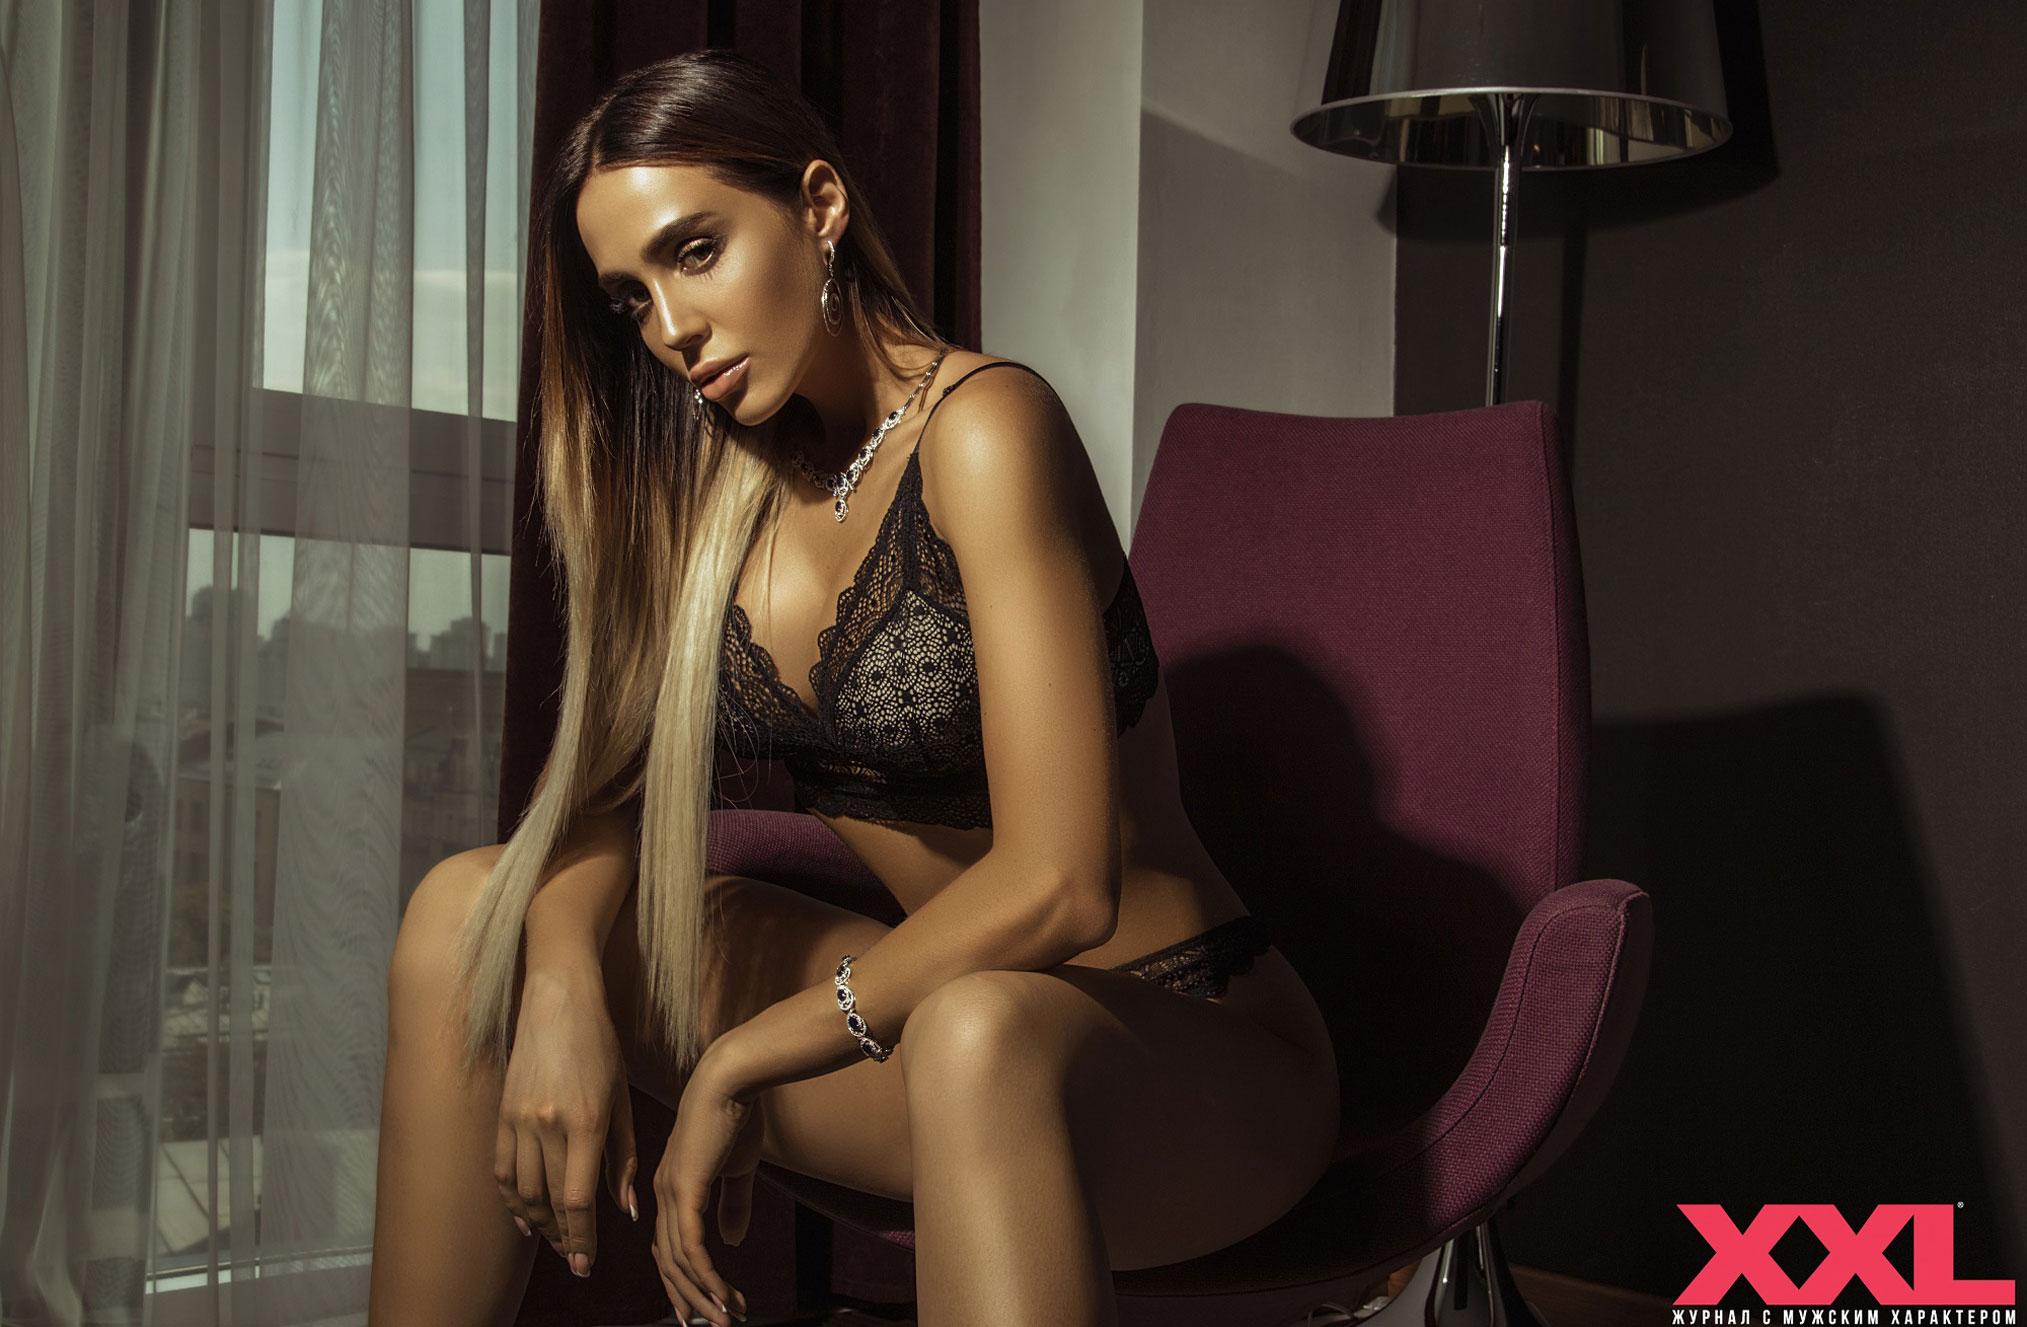 Актриса, модель и телеведущая Эмма Ди в нижнем белье в мужском журнале XXL / фото 03